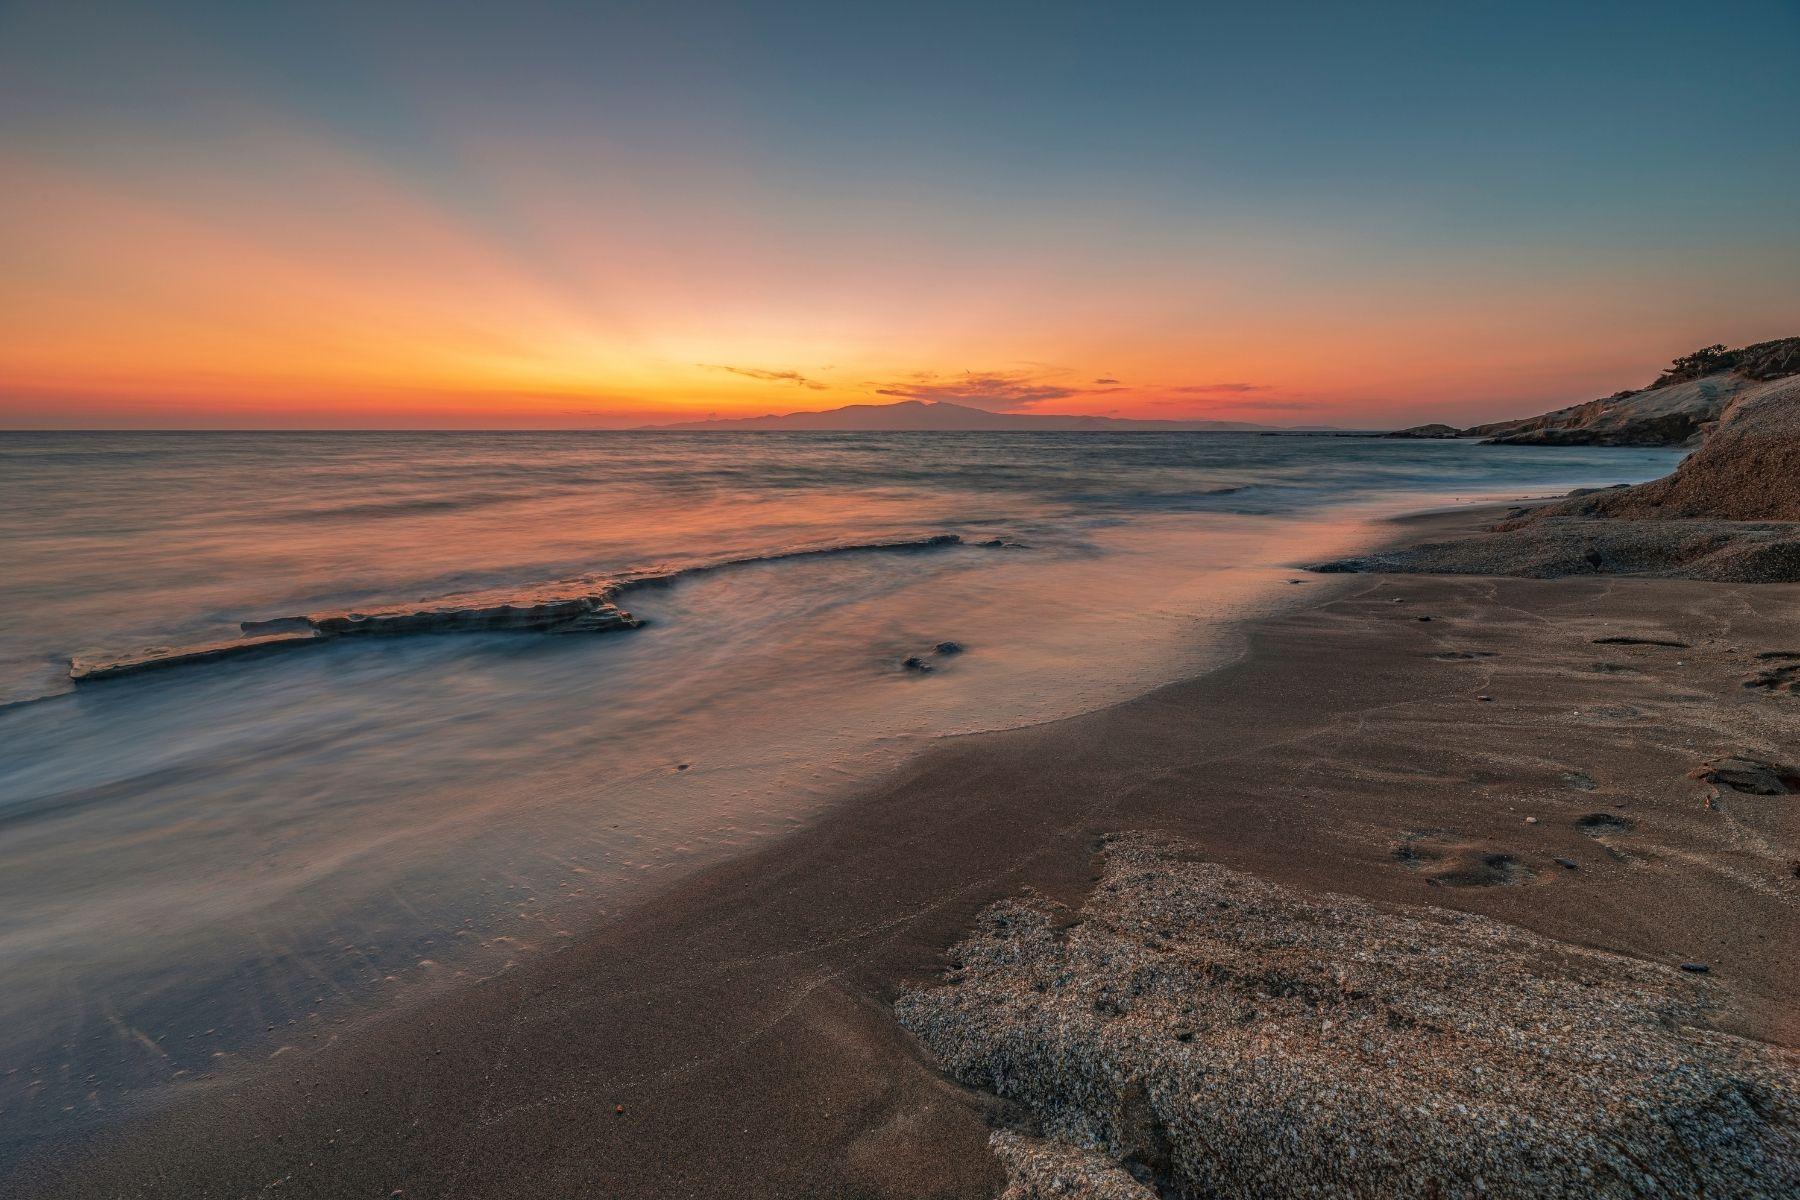 plaja mediterana